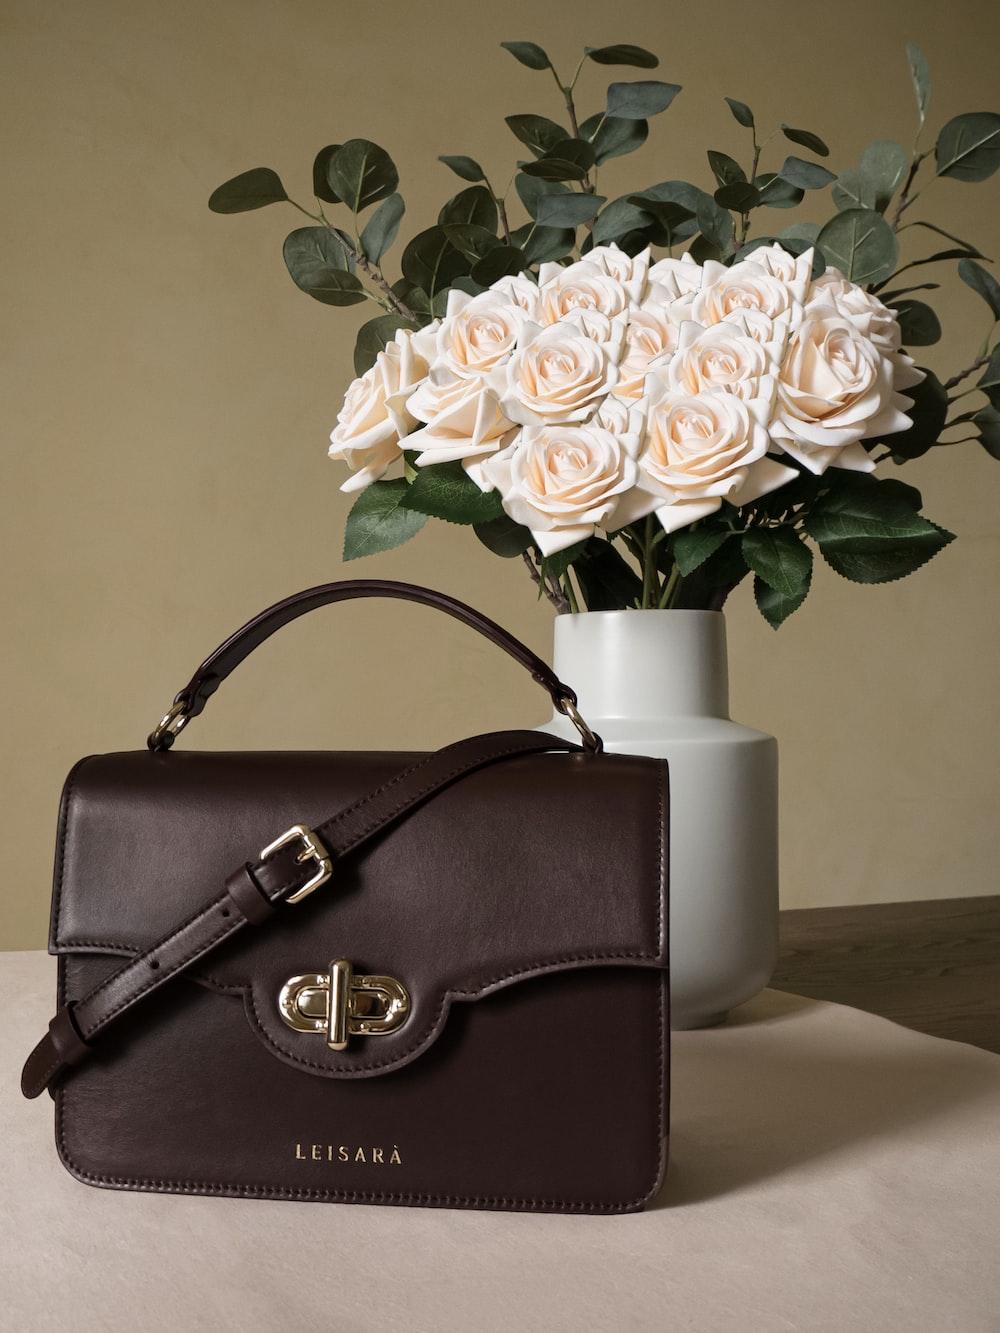 brown leather handbag beside white flower vase